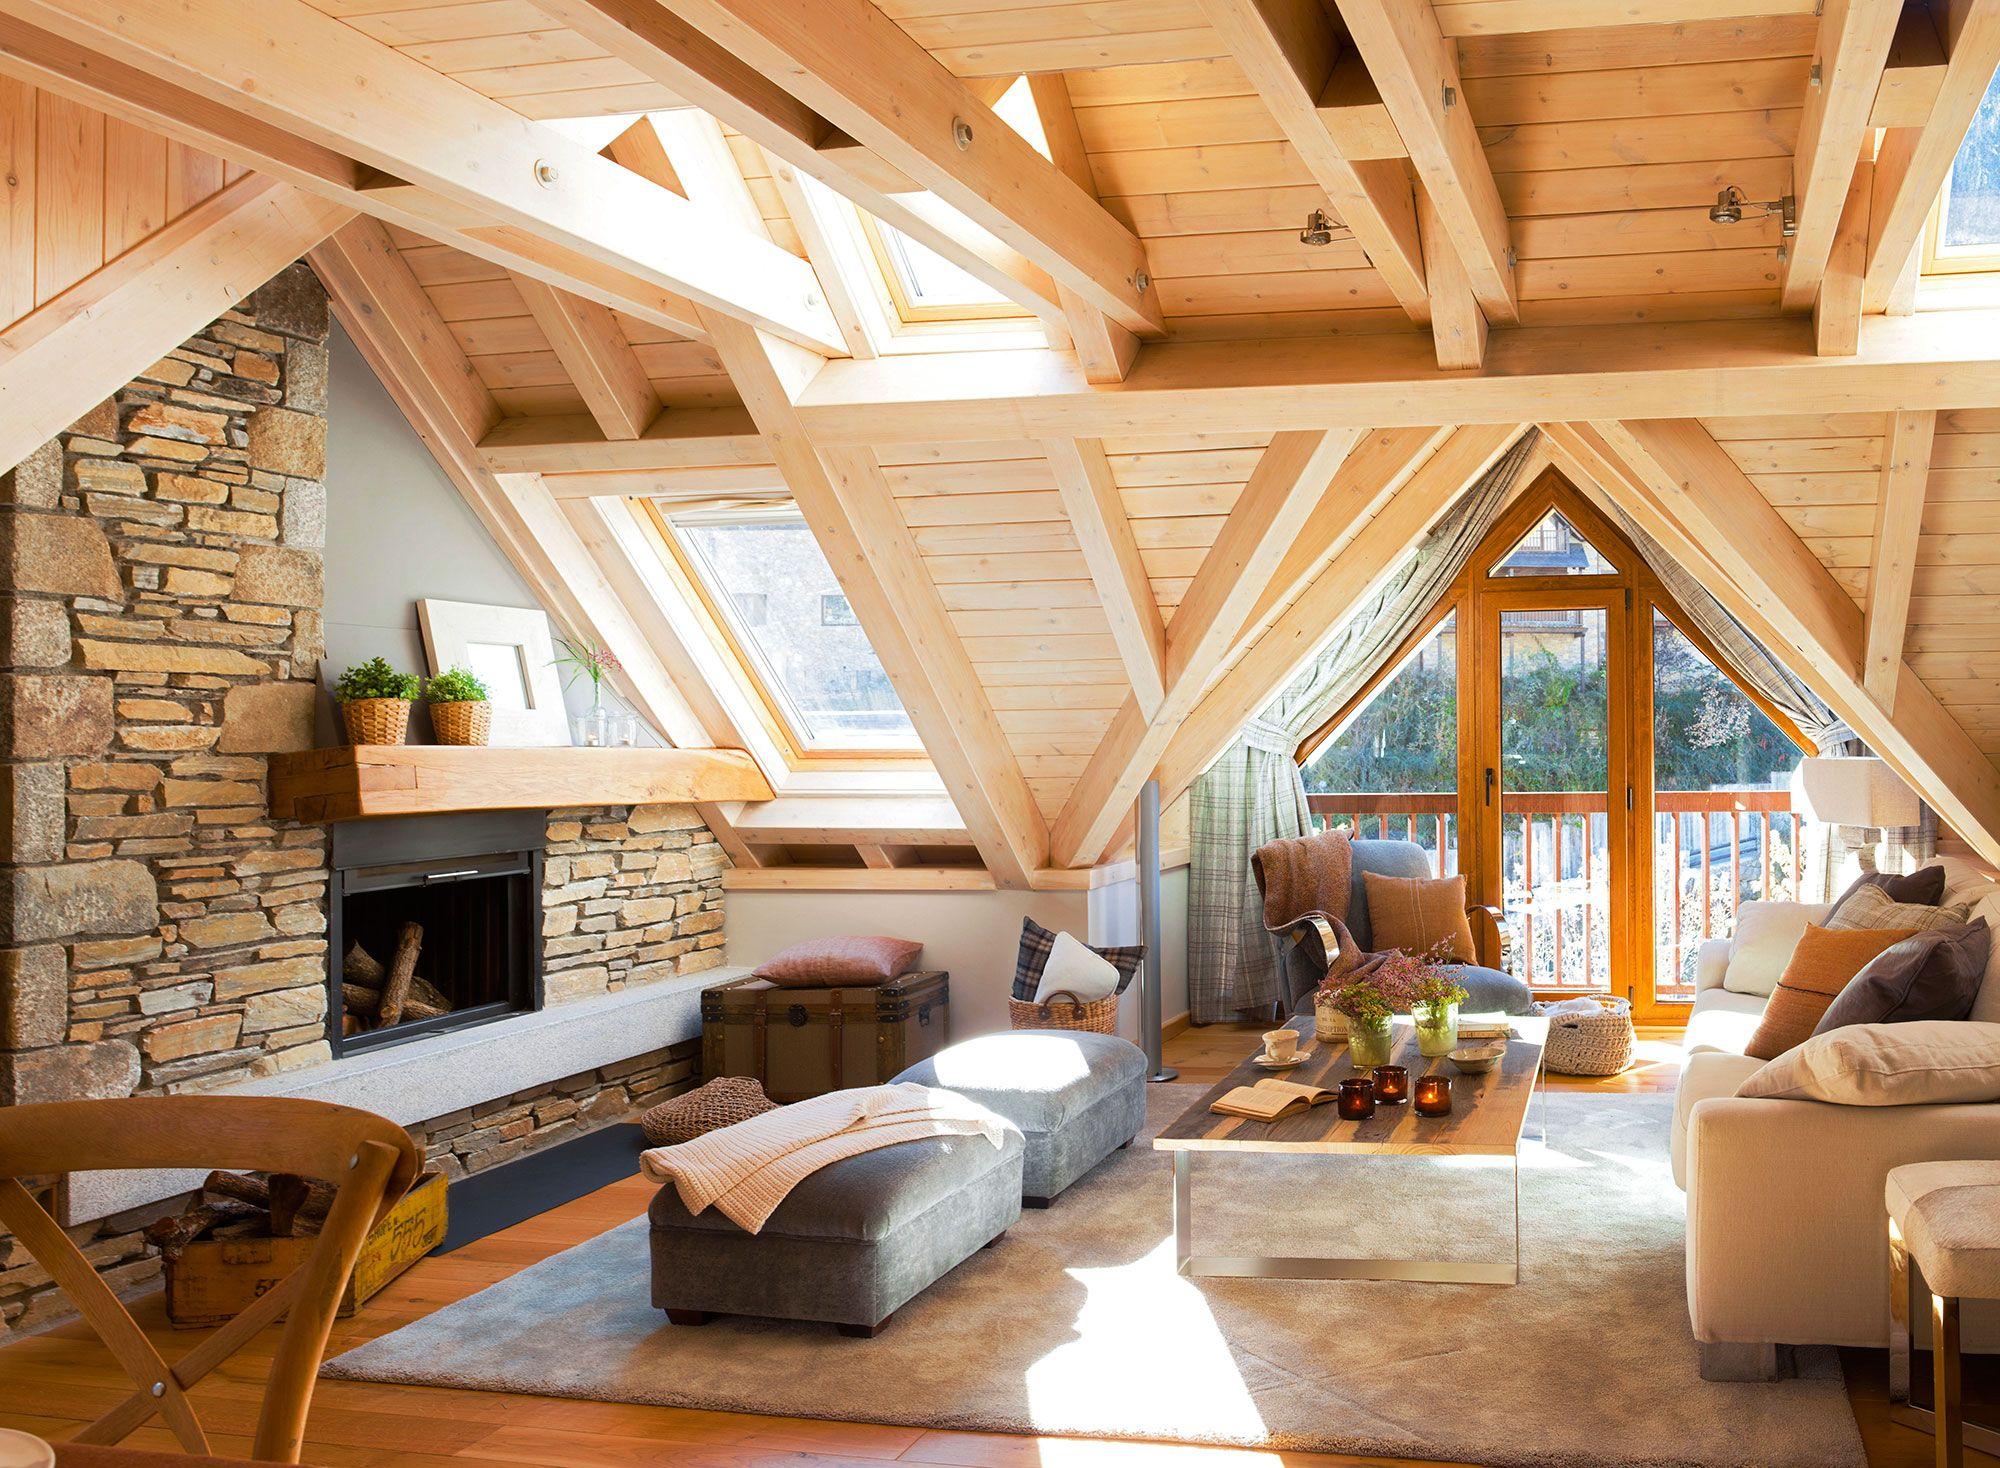 Sal n r stico con techo de vigas de madera y ventanas - Techos de madera rusticos ...